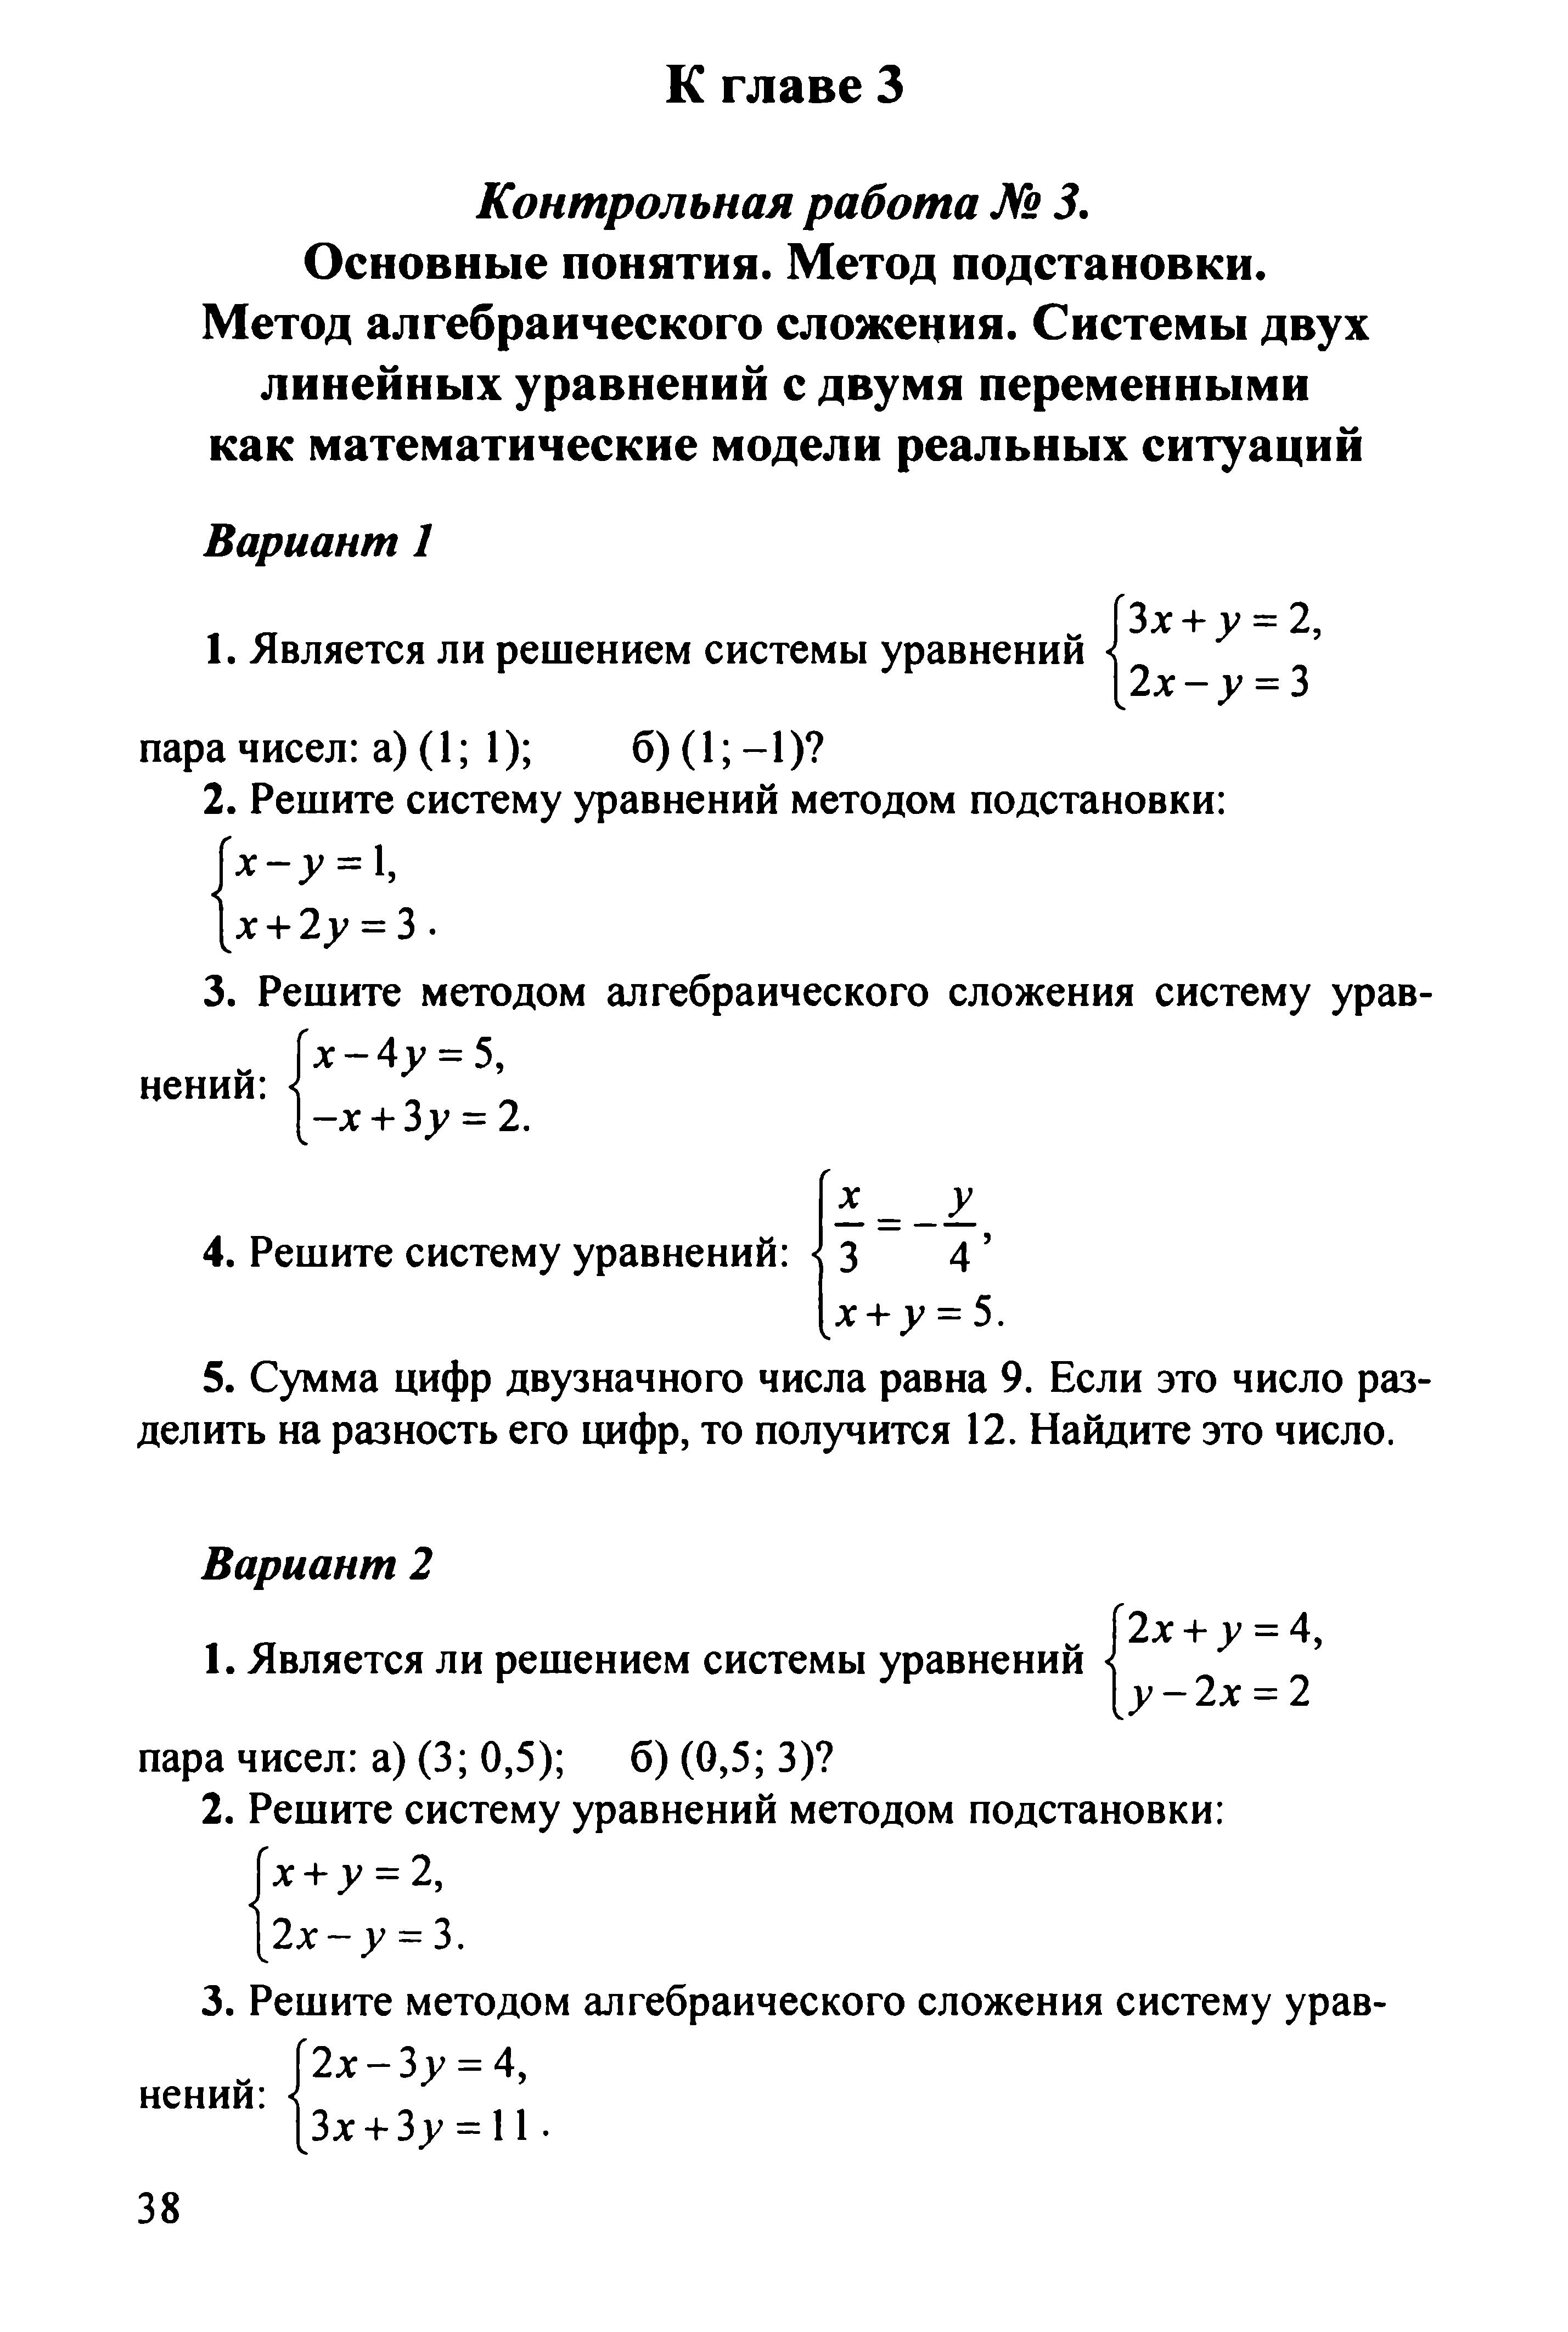 Линейная алгебра контрольная работа вариант 2 9083